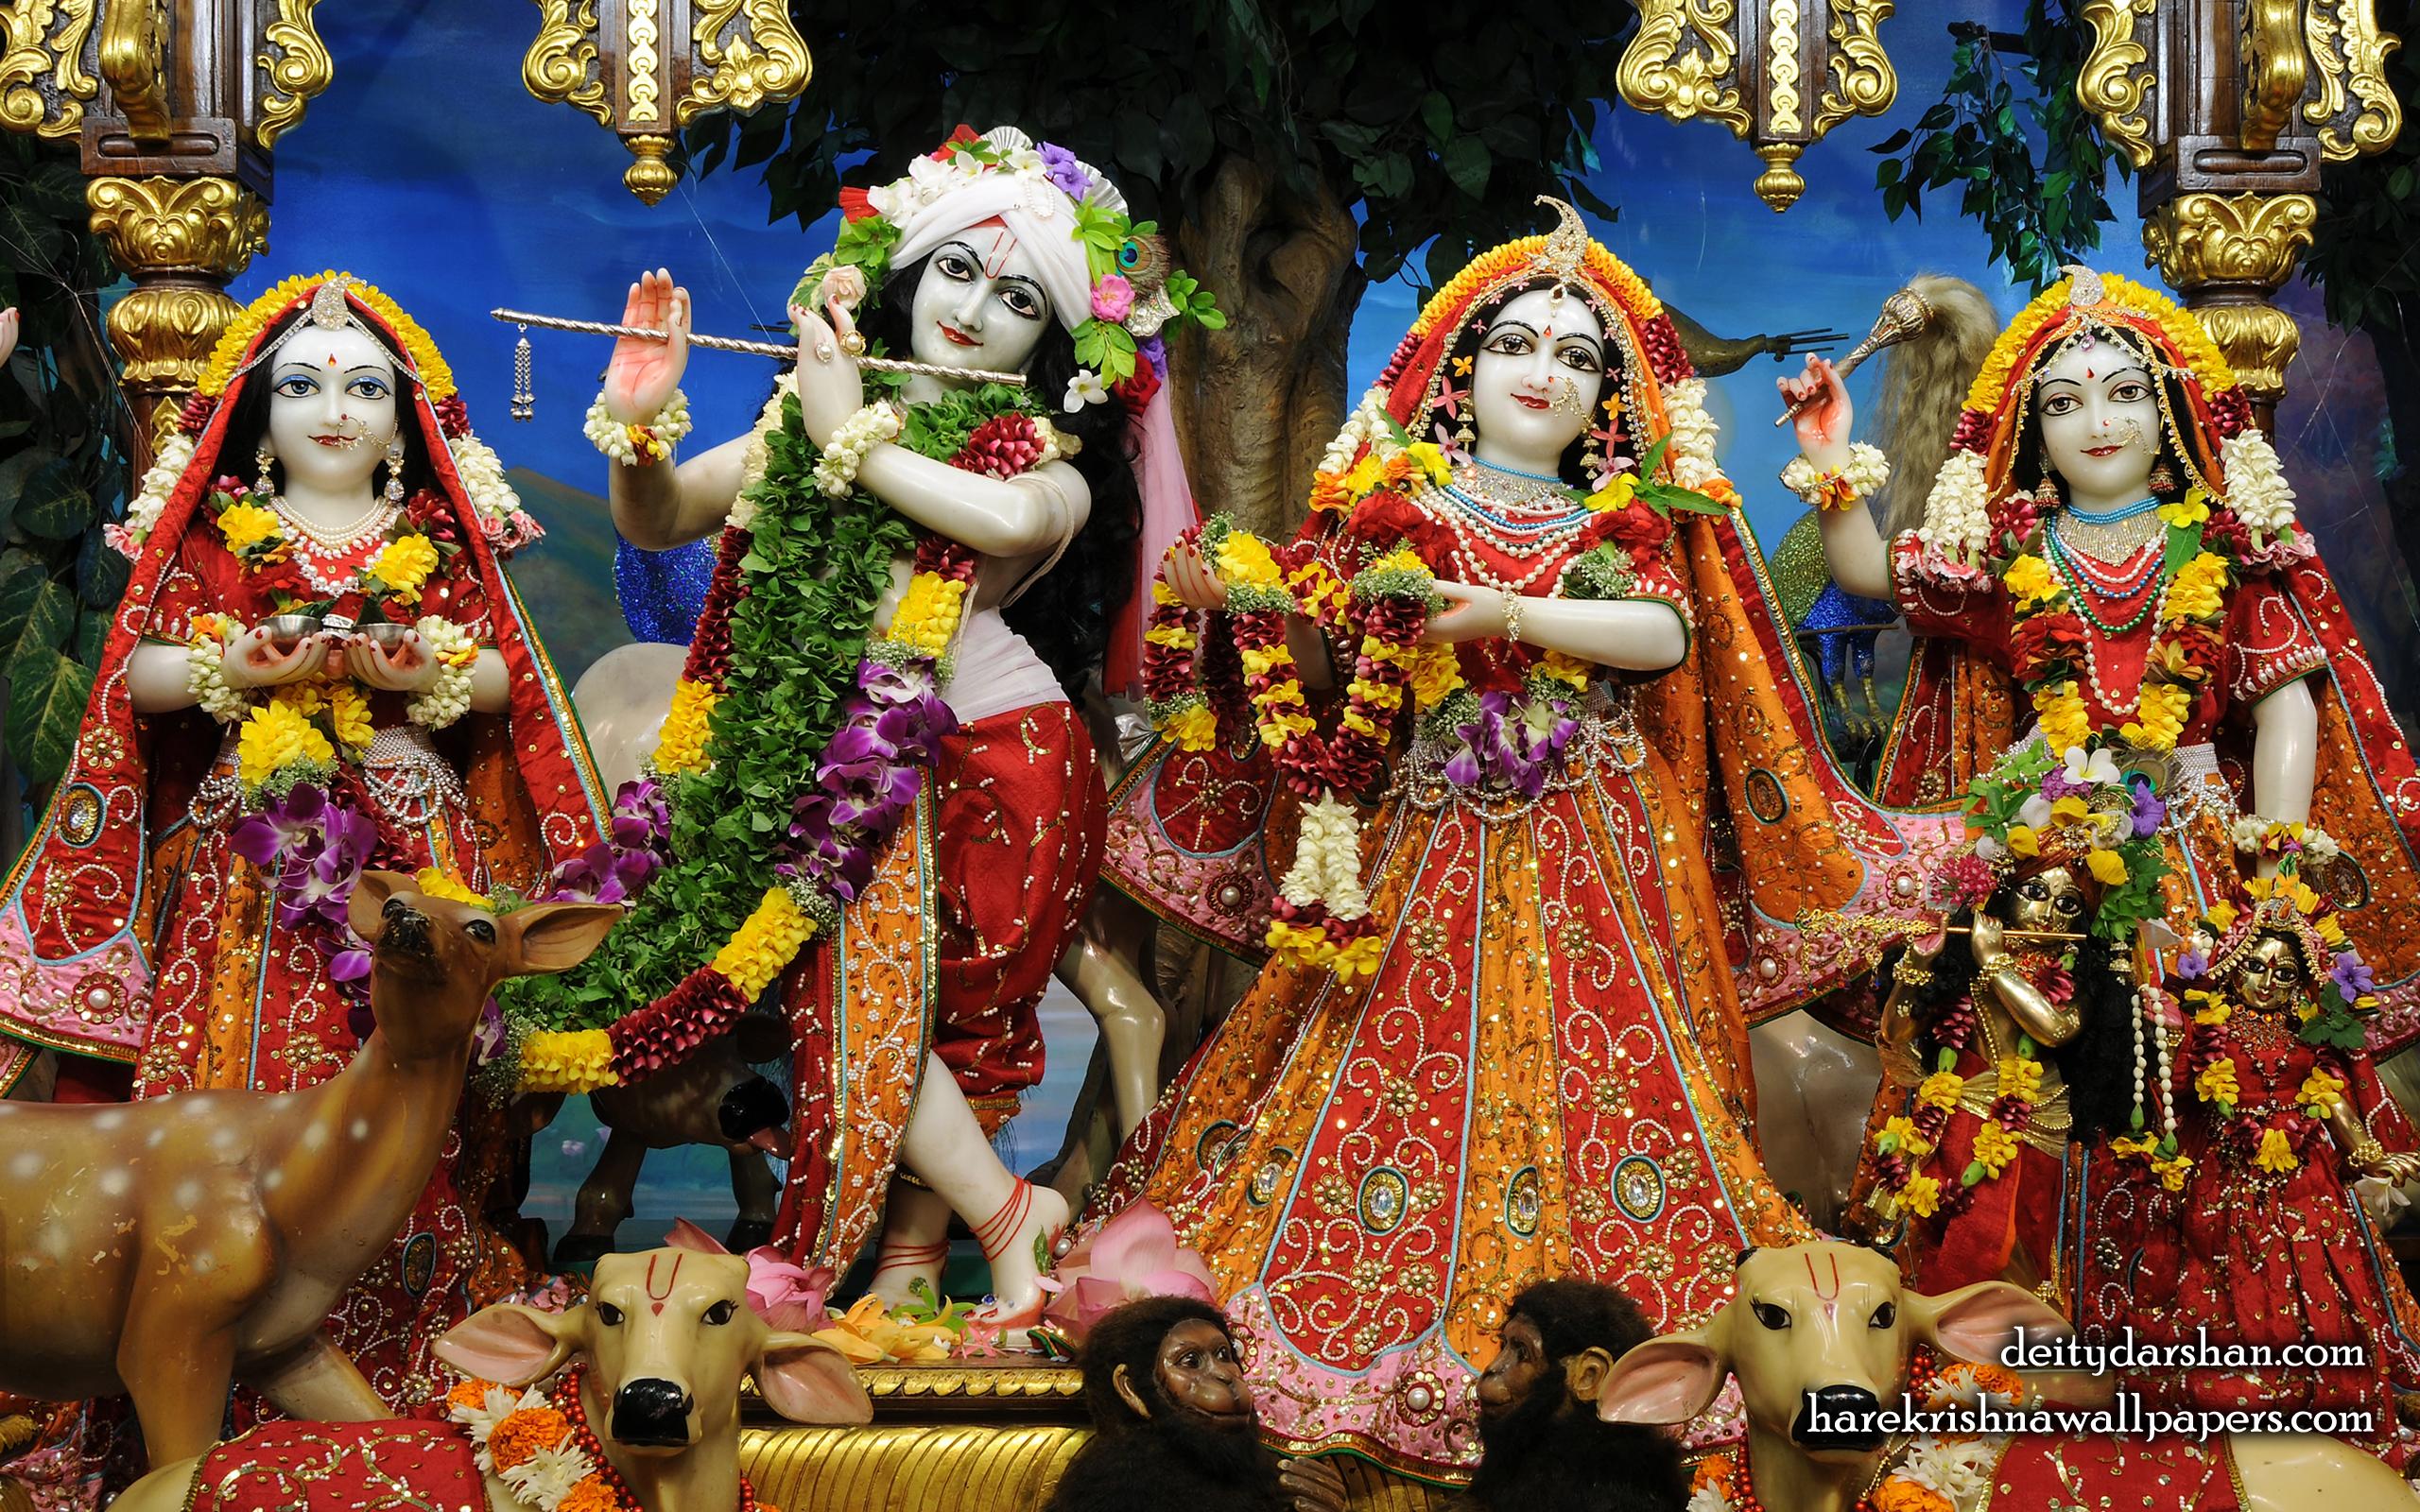 Sri Sri Radha Gopinath Lalita Vishakha Wallpaper (061) Size 2560x1600 Download